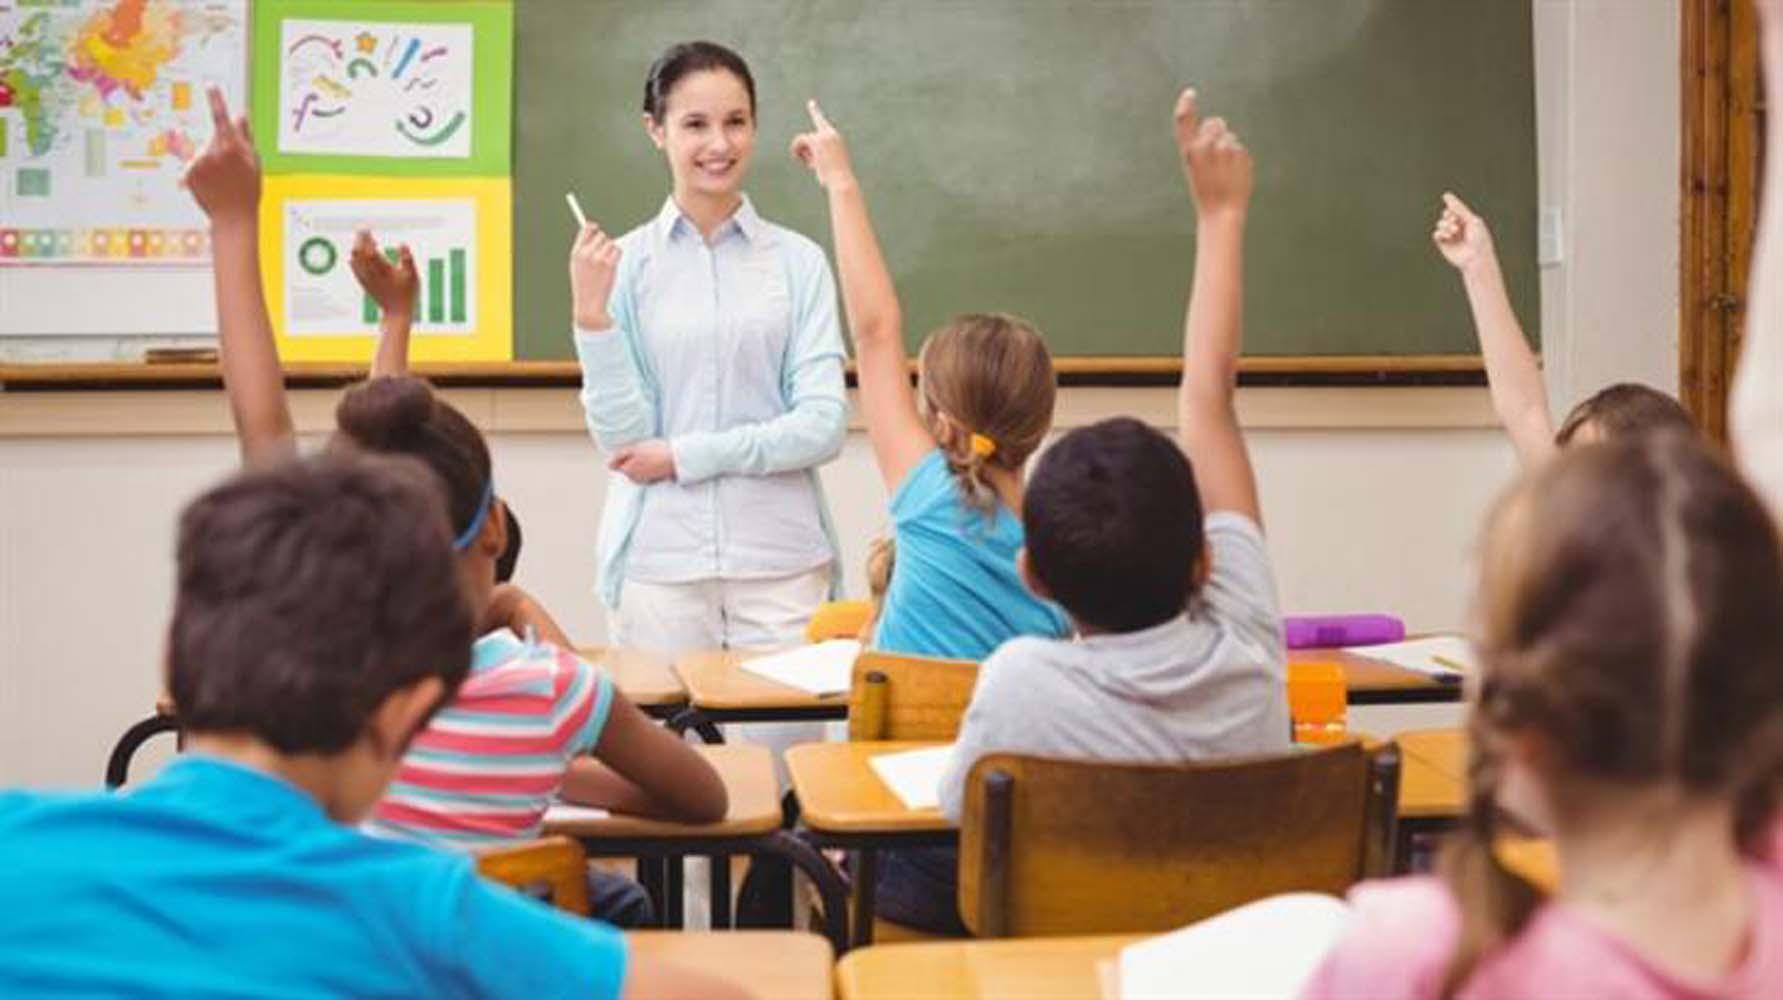 Pedagojik formasyon 2021- 2022 başvuru | Pedagojik formasyon eğitimi nedir, kimler alabilir?